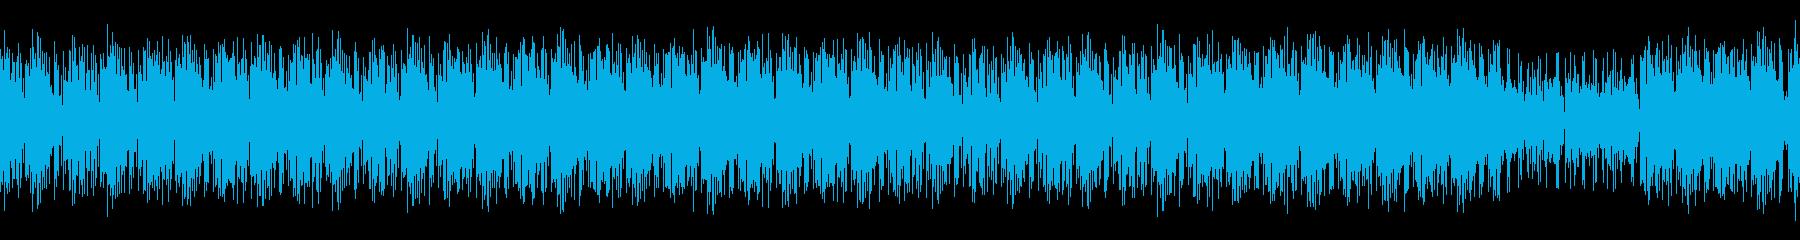 ほんわかリラックスしたヒップホップの再生済みの波形